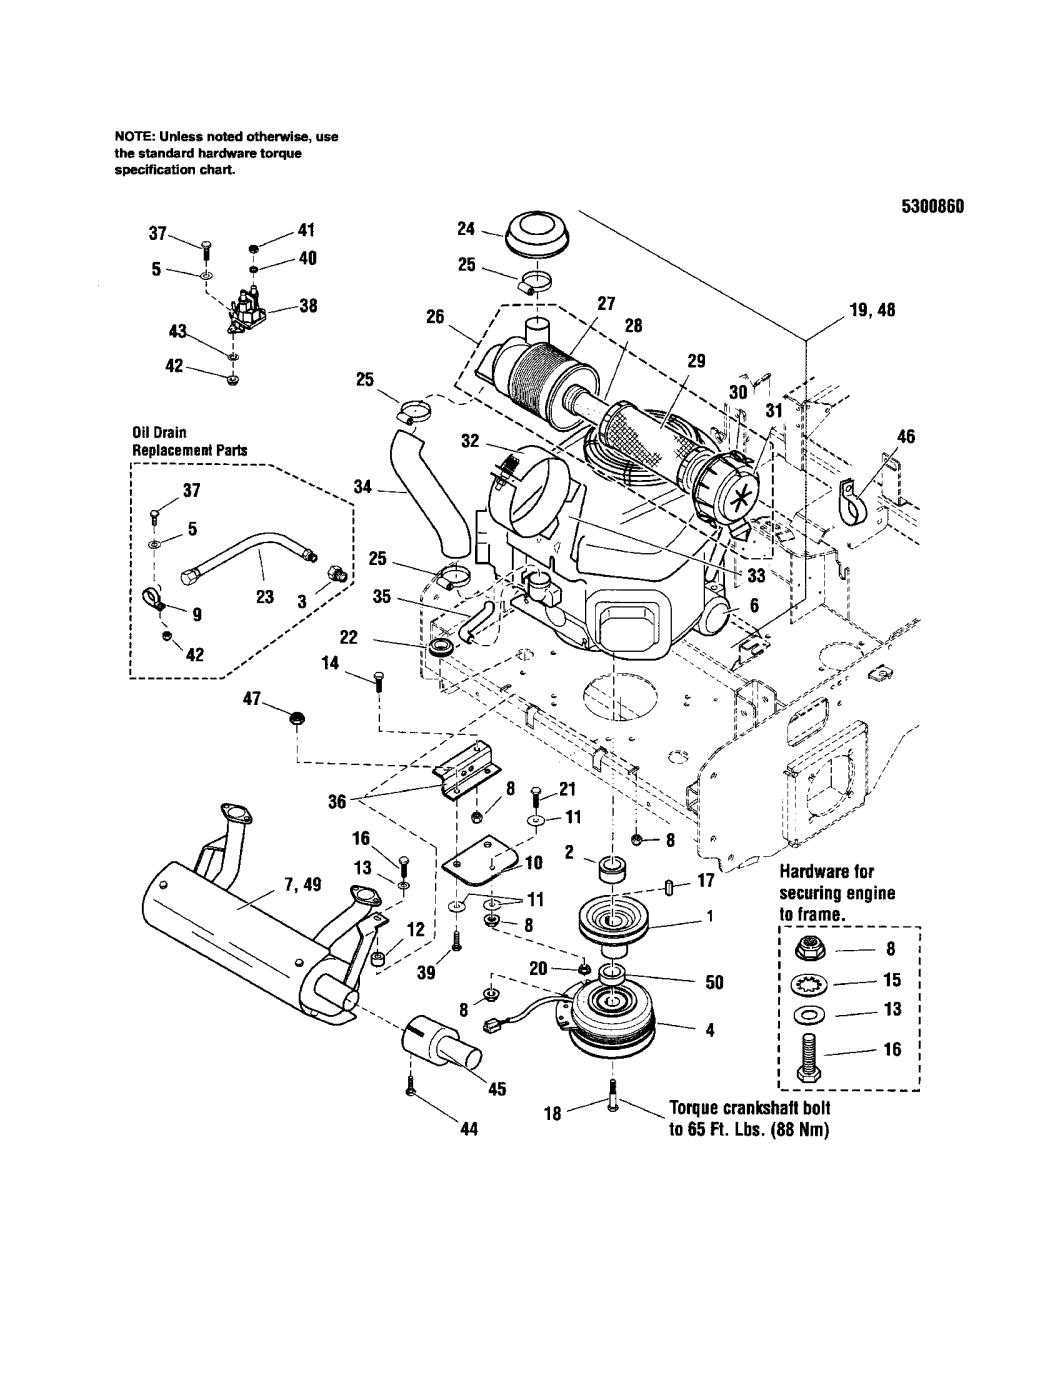 WRG-1822] Kawasaki Engine Diagram on klr 650 cvk diagram, carburetor diagram, kawasaki ninja 250r wiring harness diagram, kawasaki 250 parts breakdown of carb,